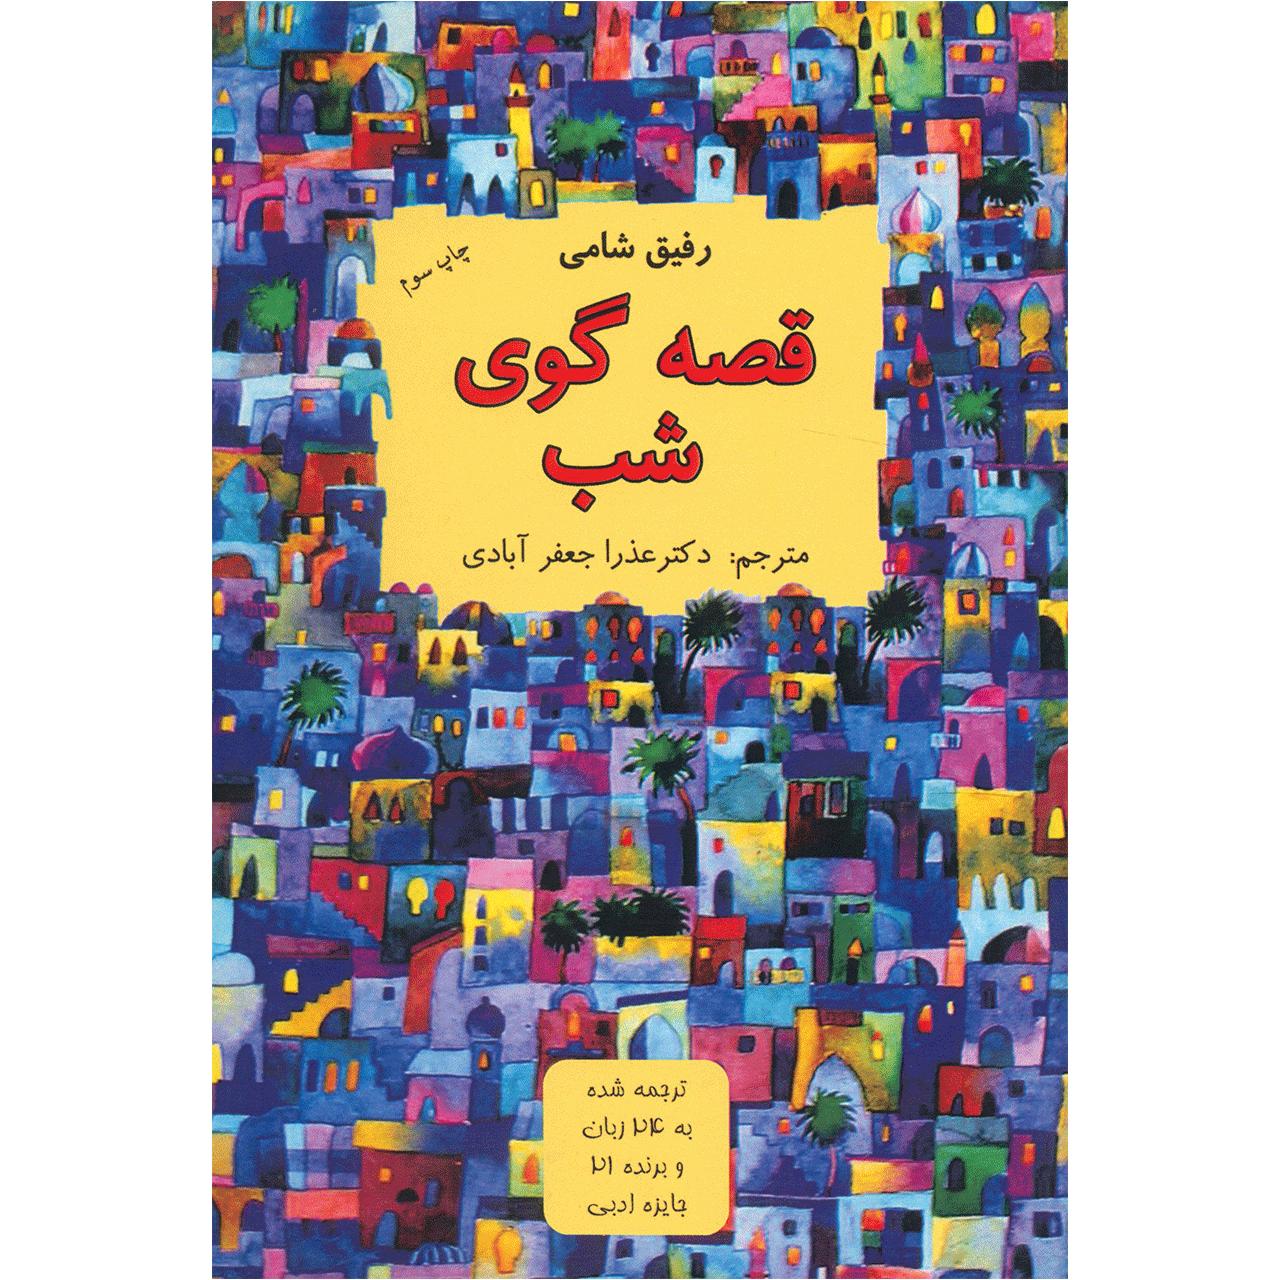 کتاب قصه گوی شب اثر رفیق شامی